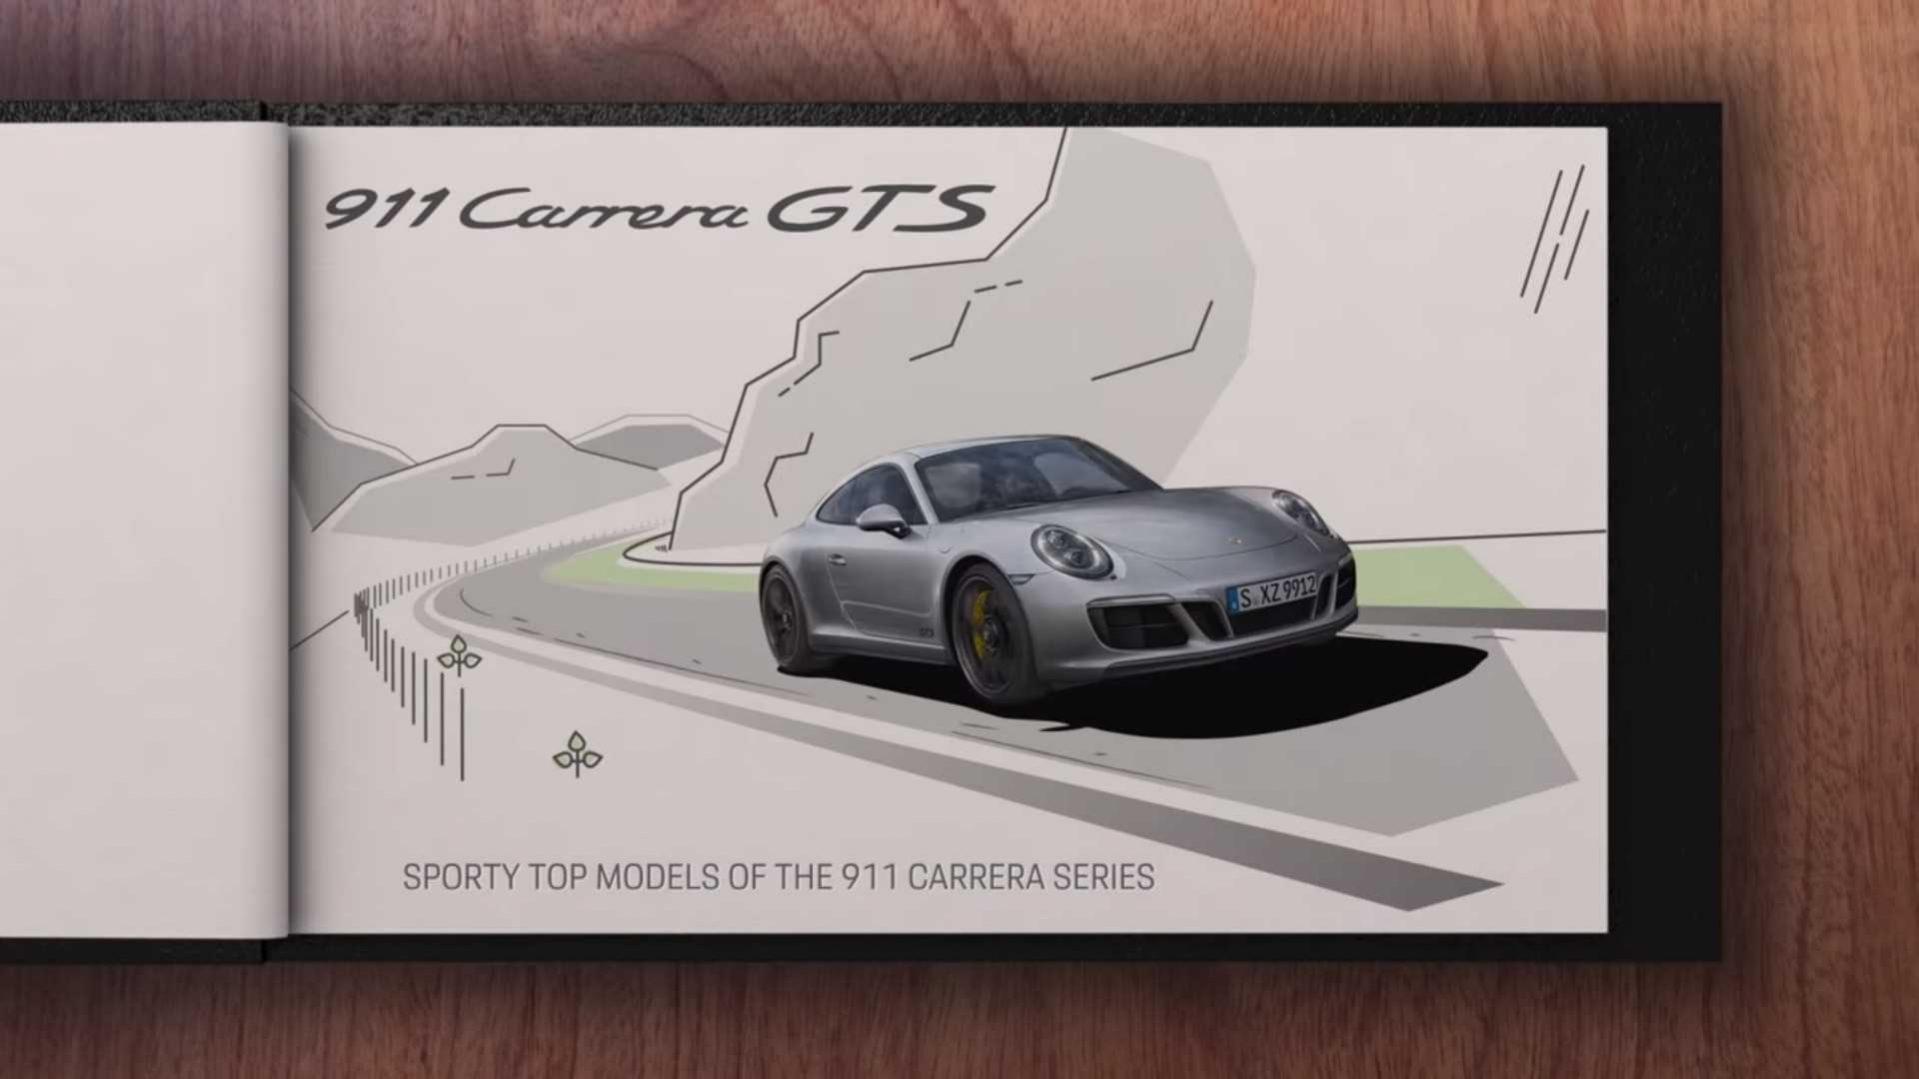 Porsche 911 Carrera GTS For Sale